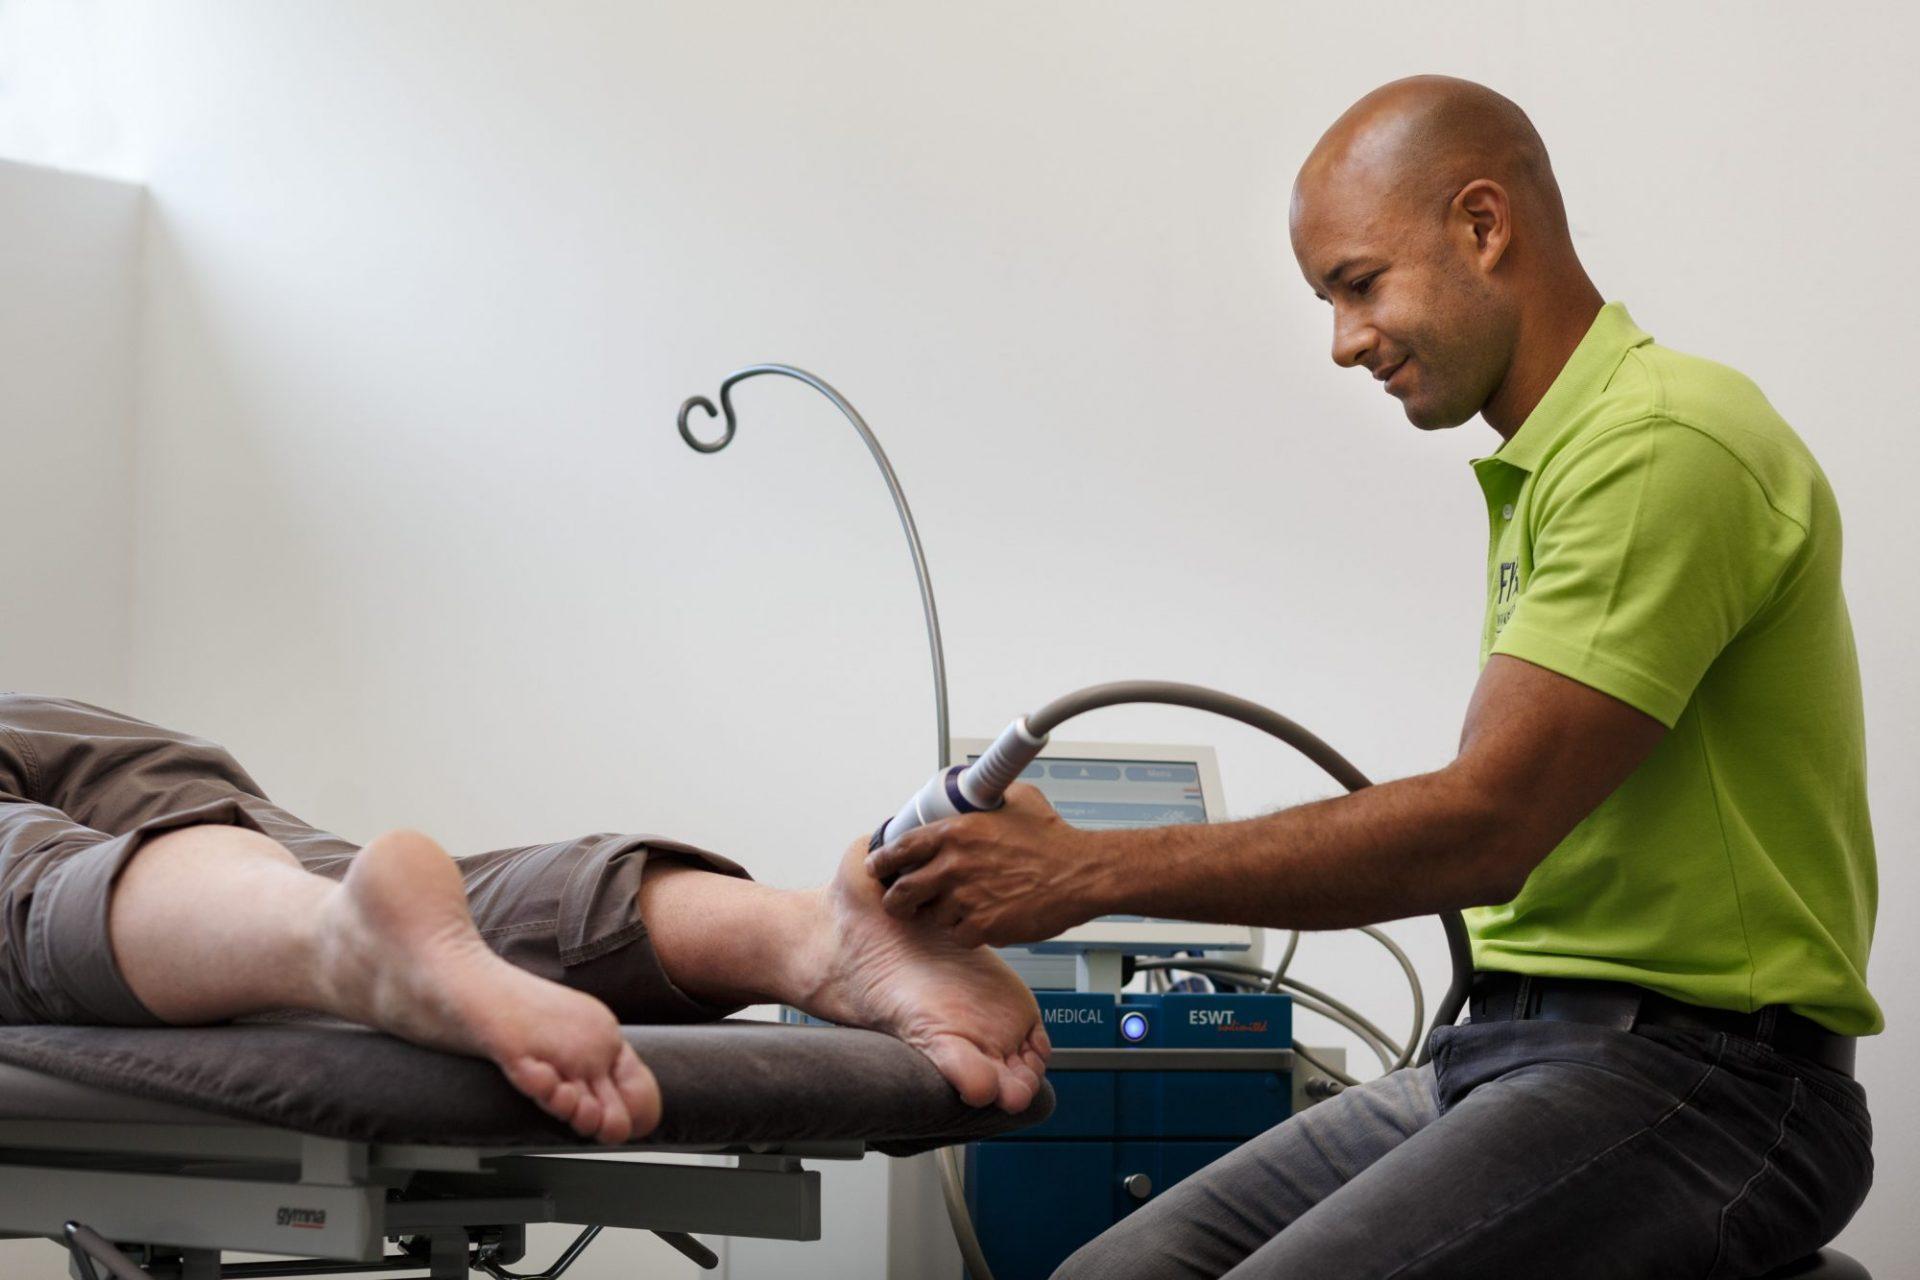 Roermond, Maasbracht, Shockwave, Echt, fysiotherapie, fysiotherapiepraktijk, fysio, praktijk, therapeut, fysiotherapeut